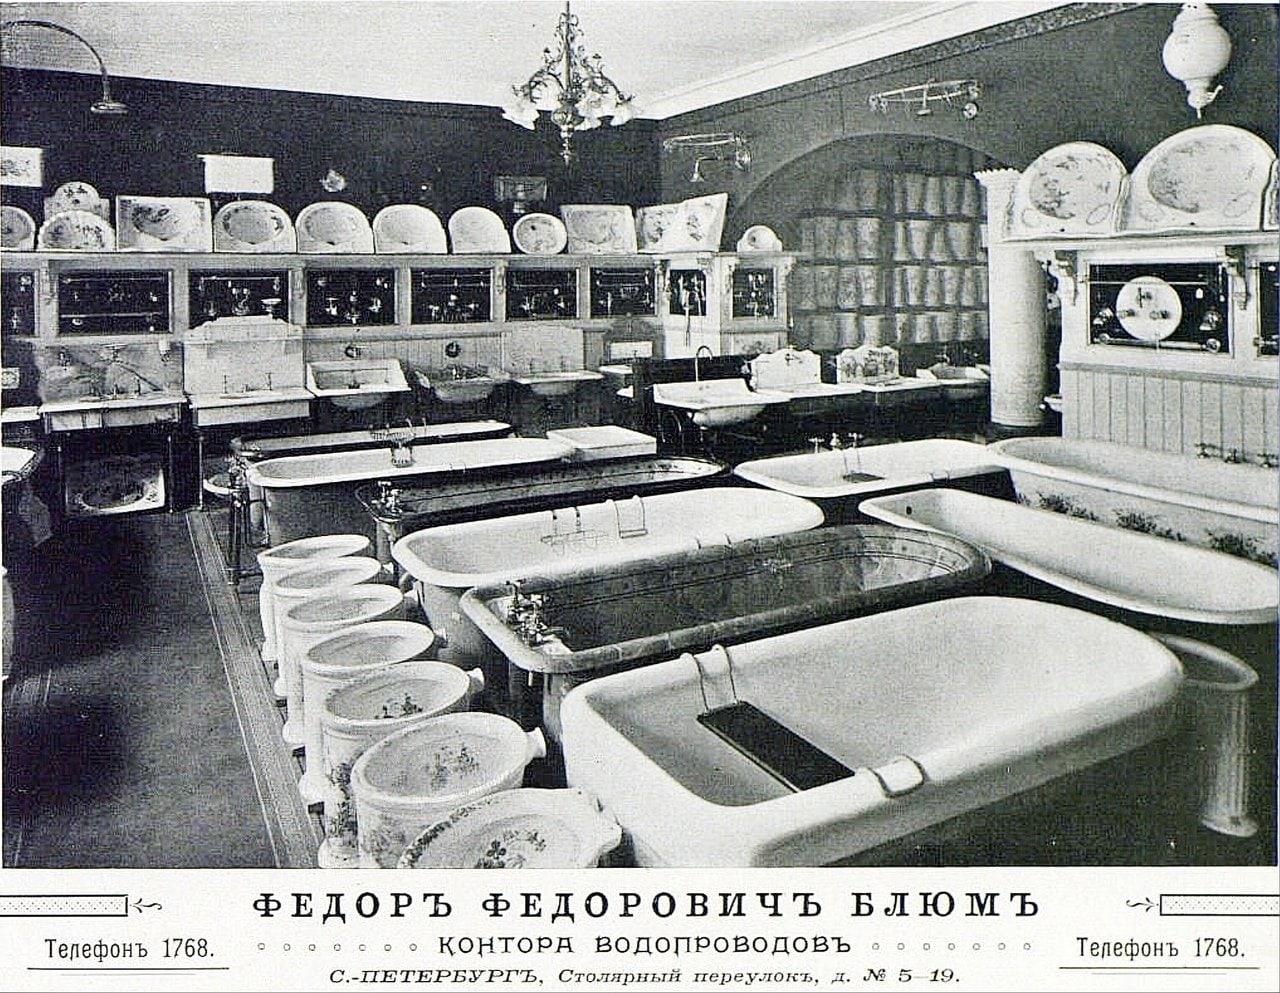 Реклама магазина сантехники в Столярном переулке, 1903 г.jpg